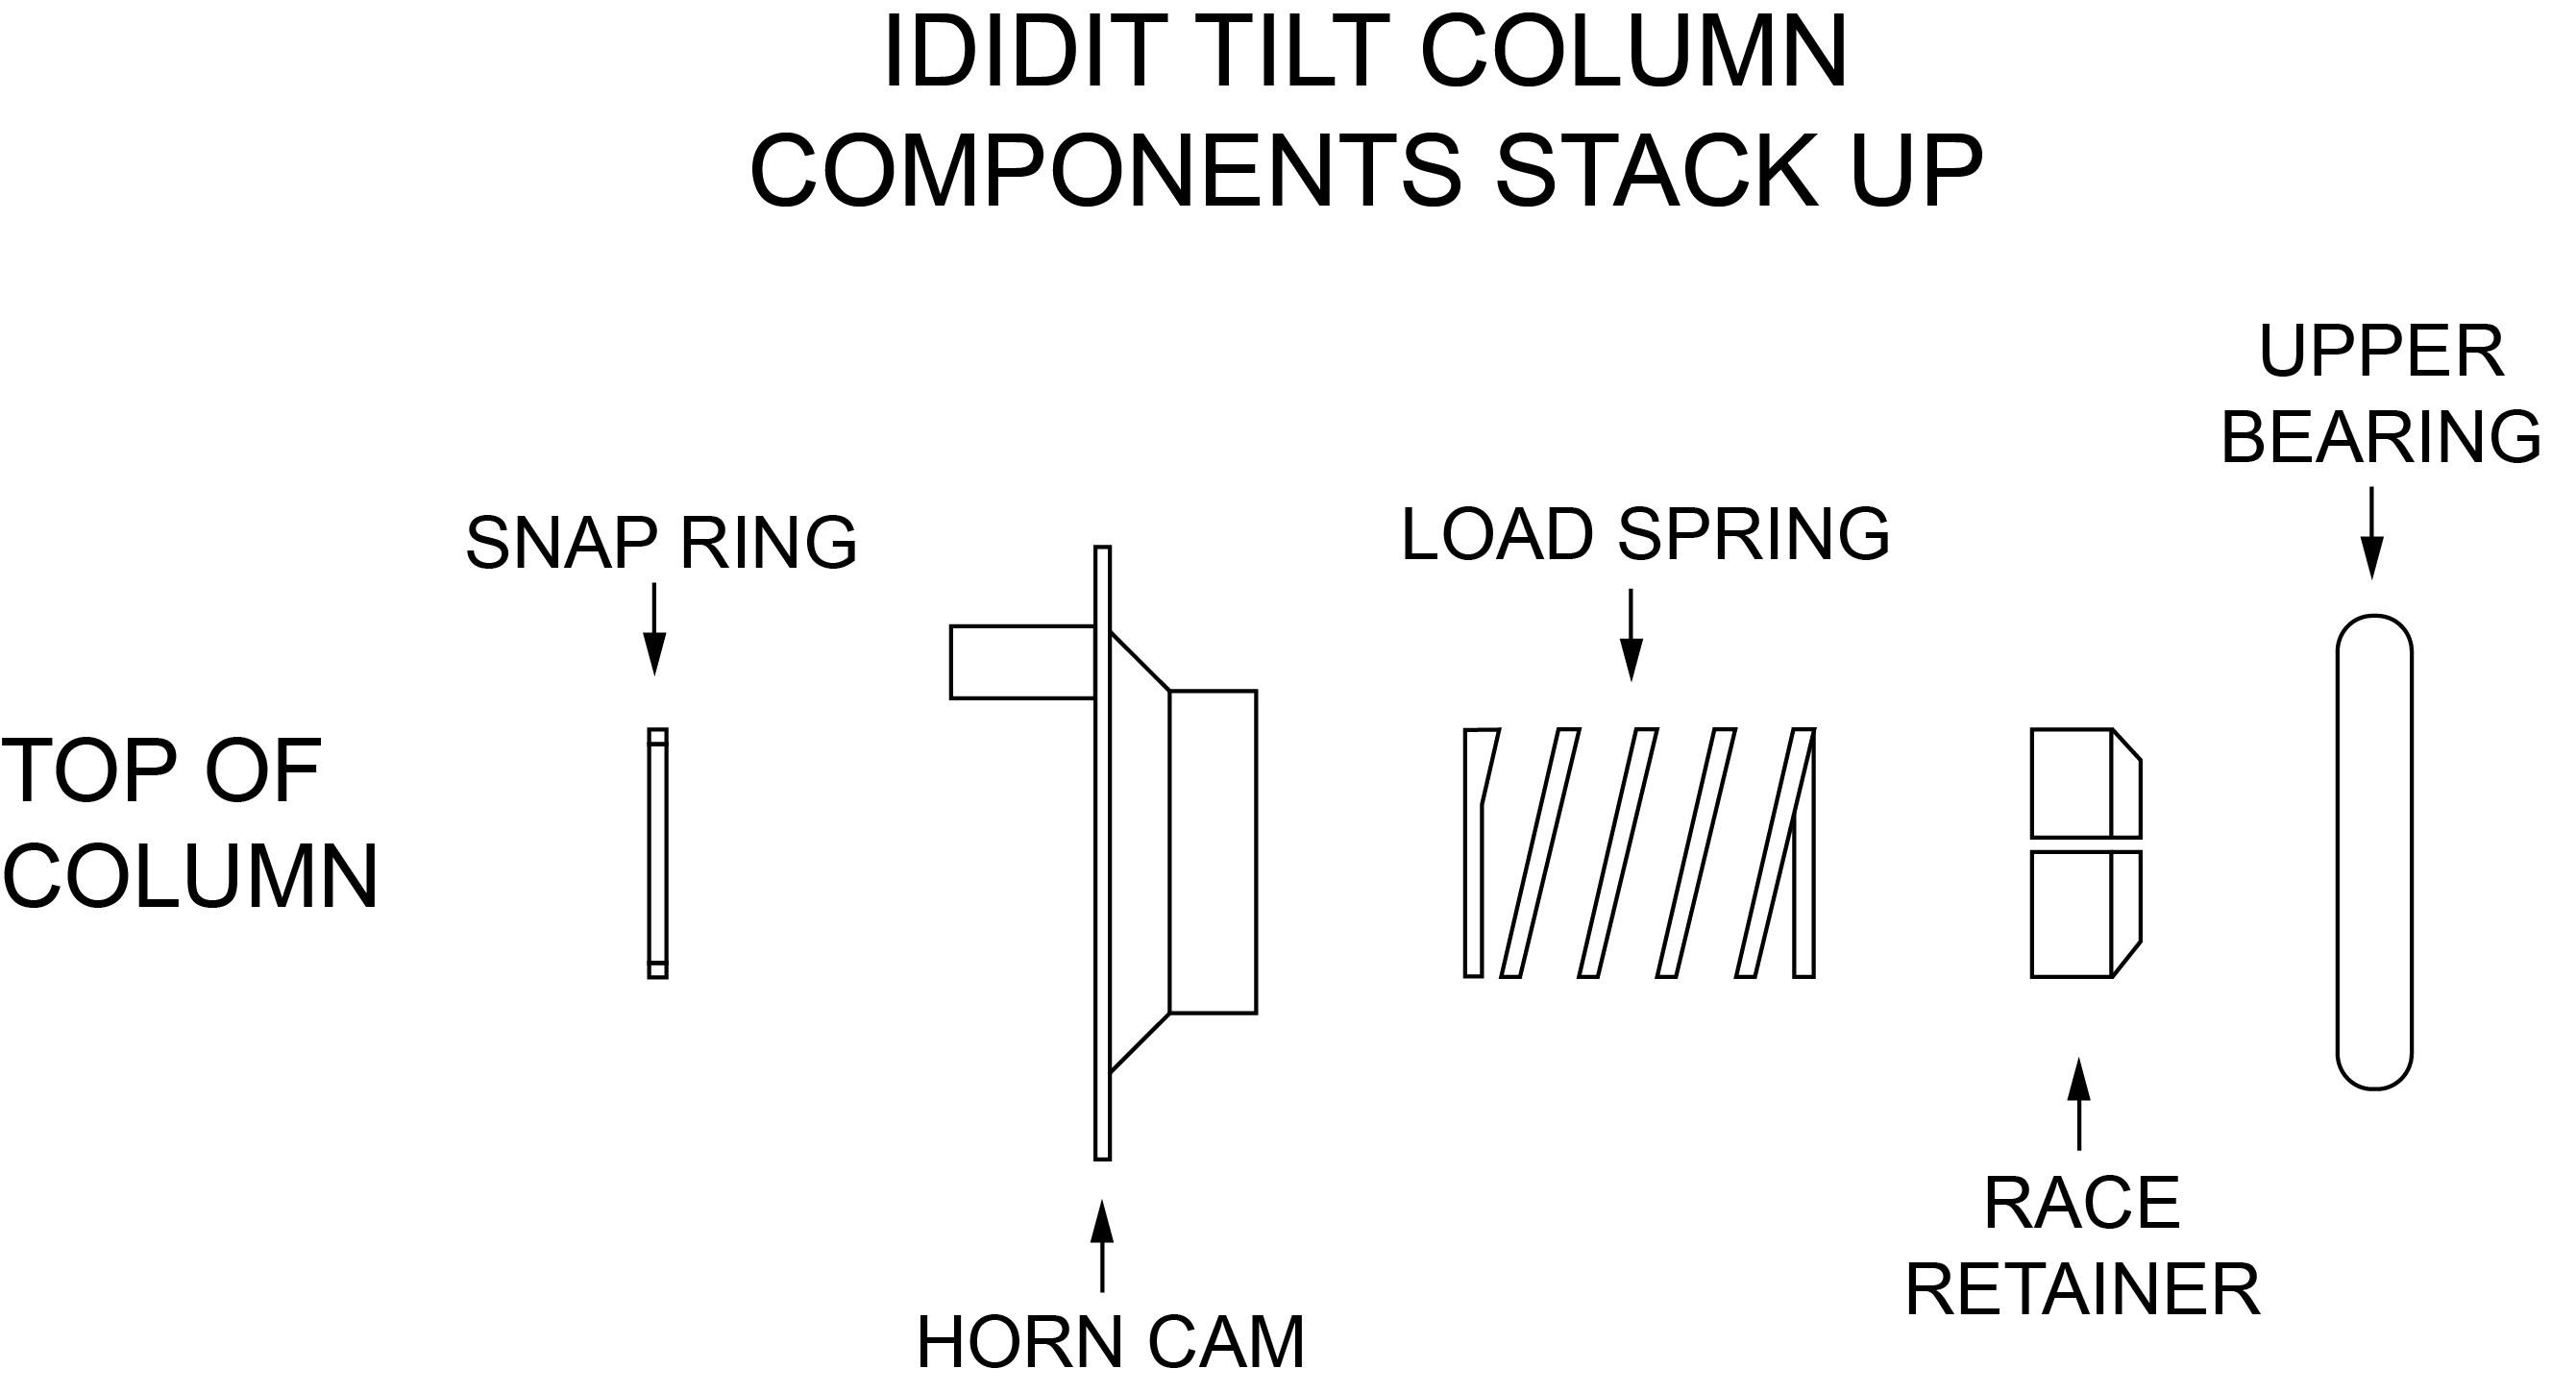 GEN II stack up tilt